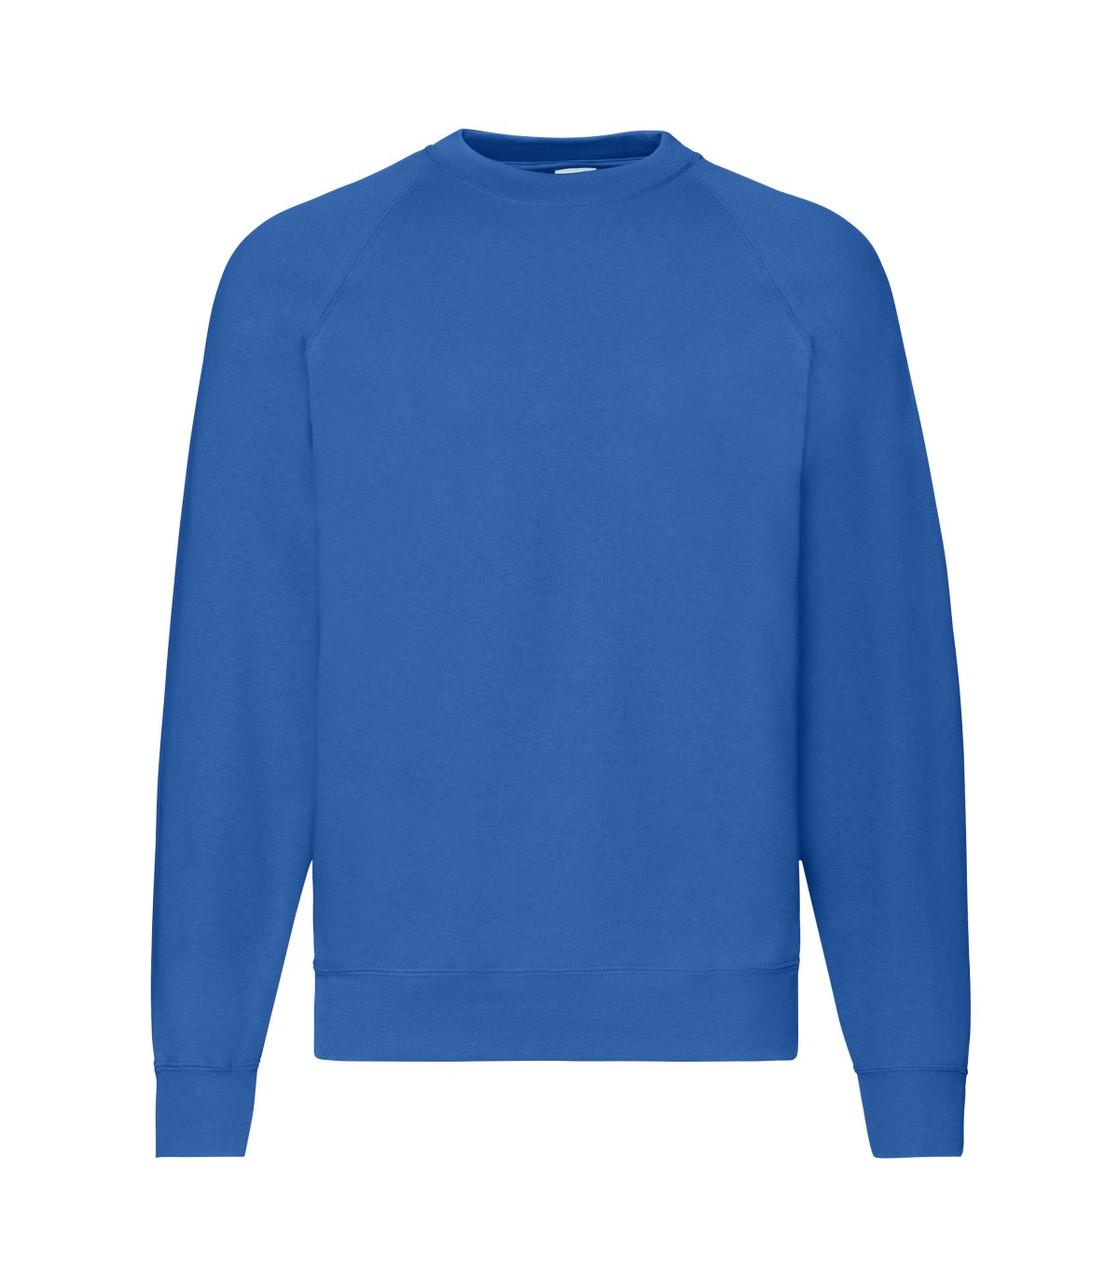 Мужской свитер-реглан утепленный синий 216-51